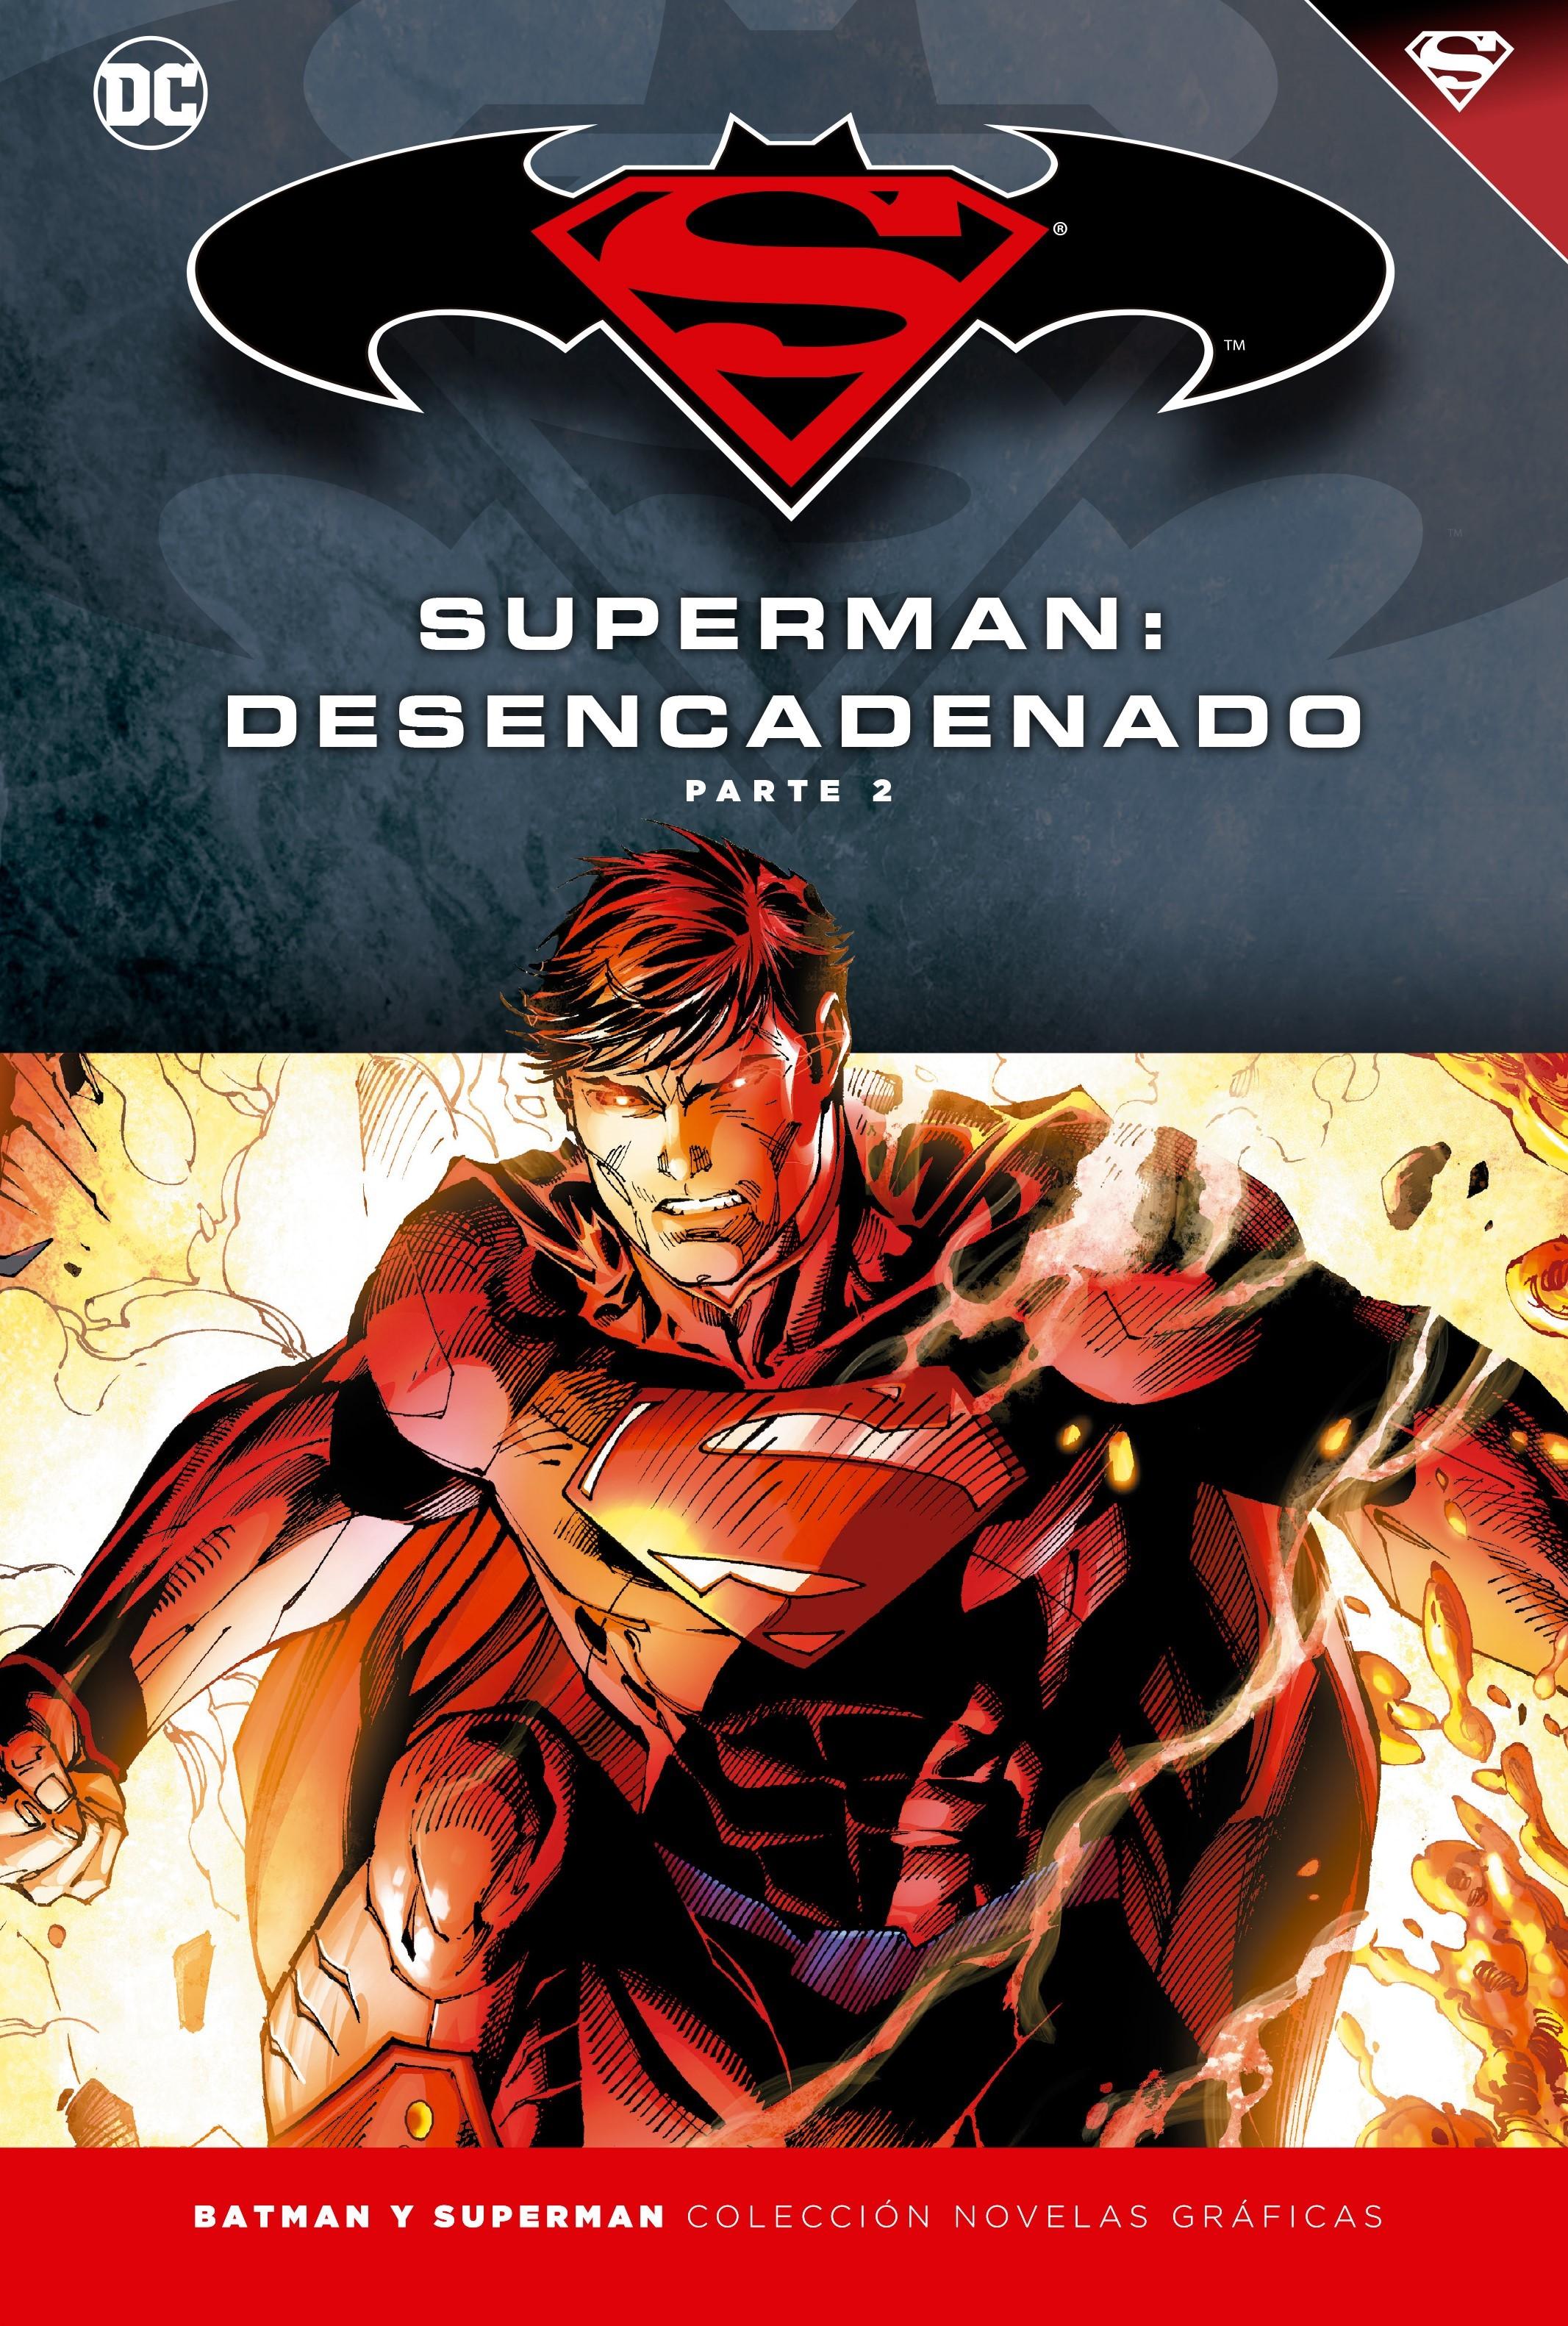 [DC - Salvat] Batman y Superman: Colección Novelas Gráficas - Página 6 Portada_BMSM_15_Superman_Desencadenado_2